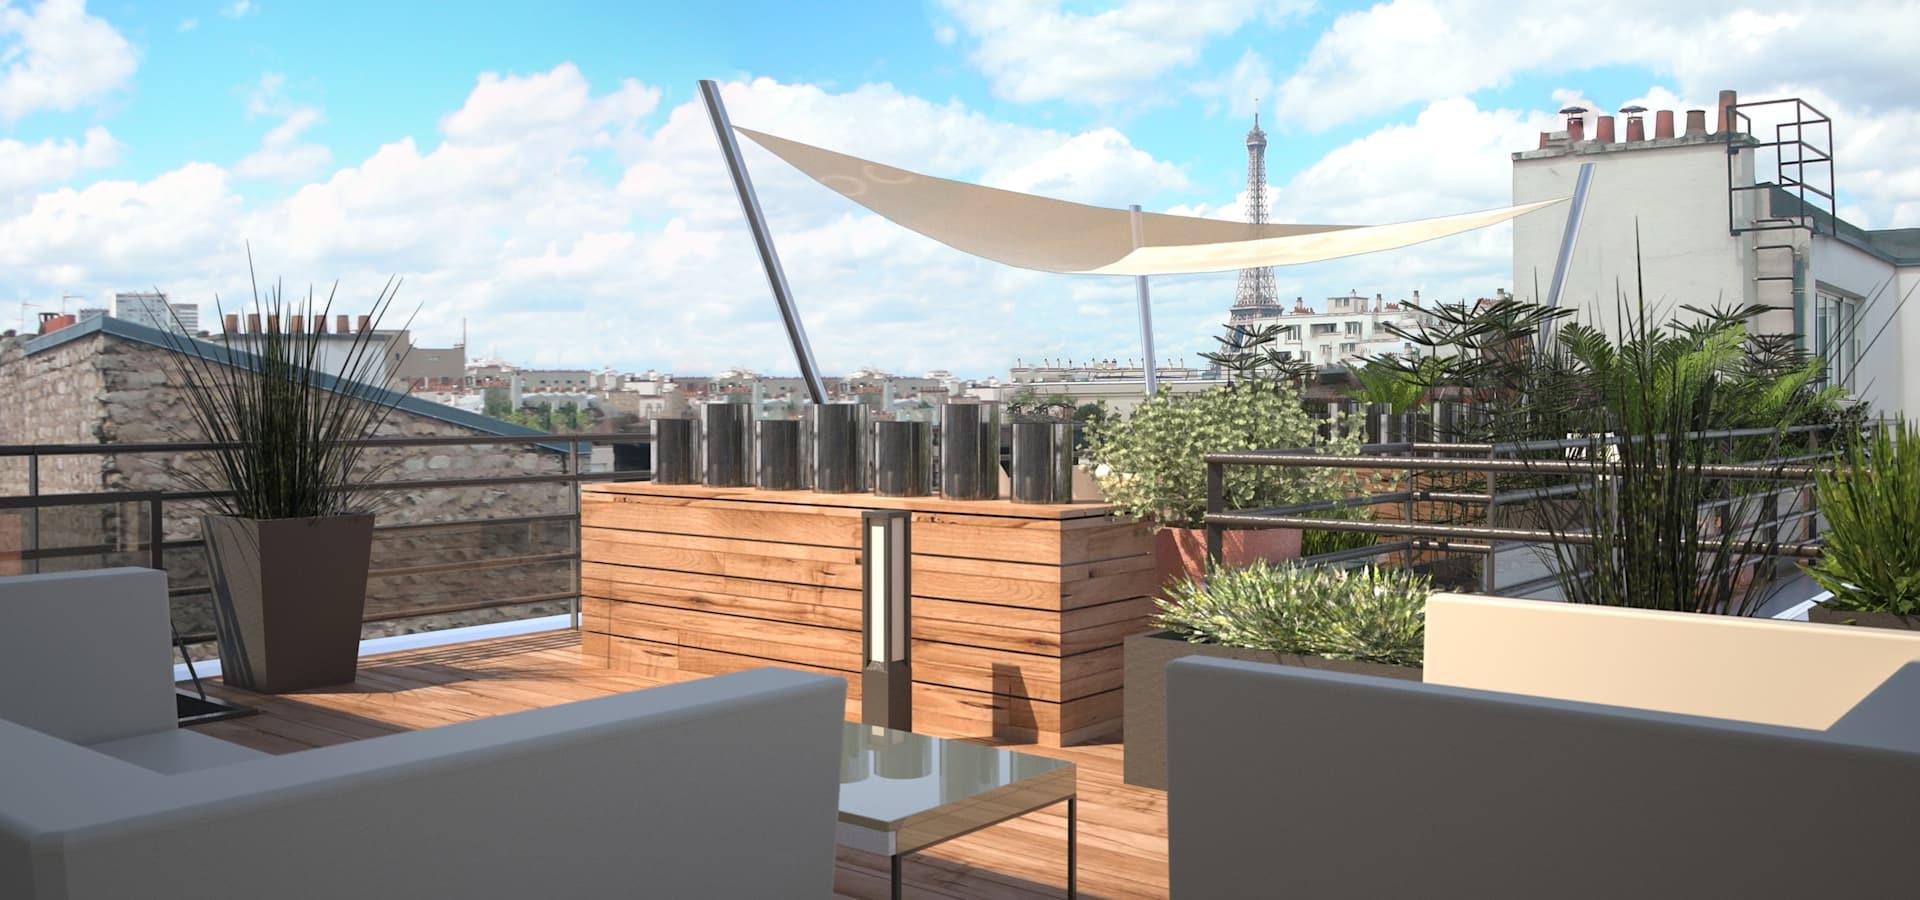 Rm Architecte: Aménagement D'un Toit-Terrasse À Paris | Homify encequiconcerne Amenagement De Terrasse